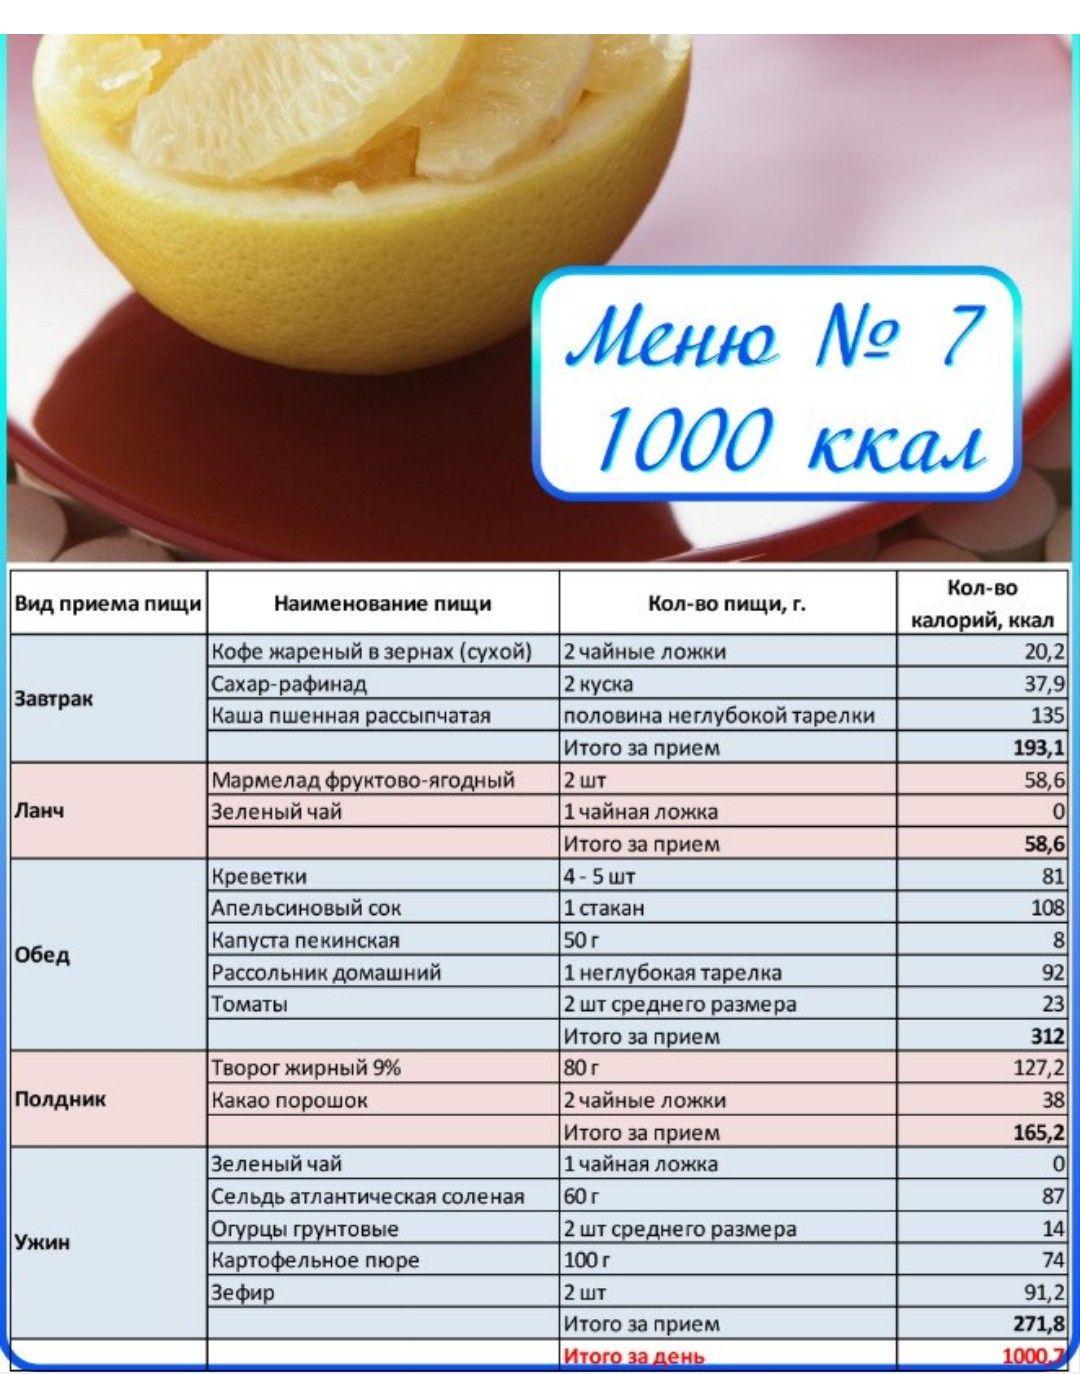 Похудеть За Неделю По Калориям. Суть и особенности диеты по калориям, меню на неделю и таблица для похудения